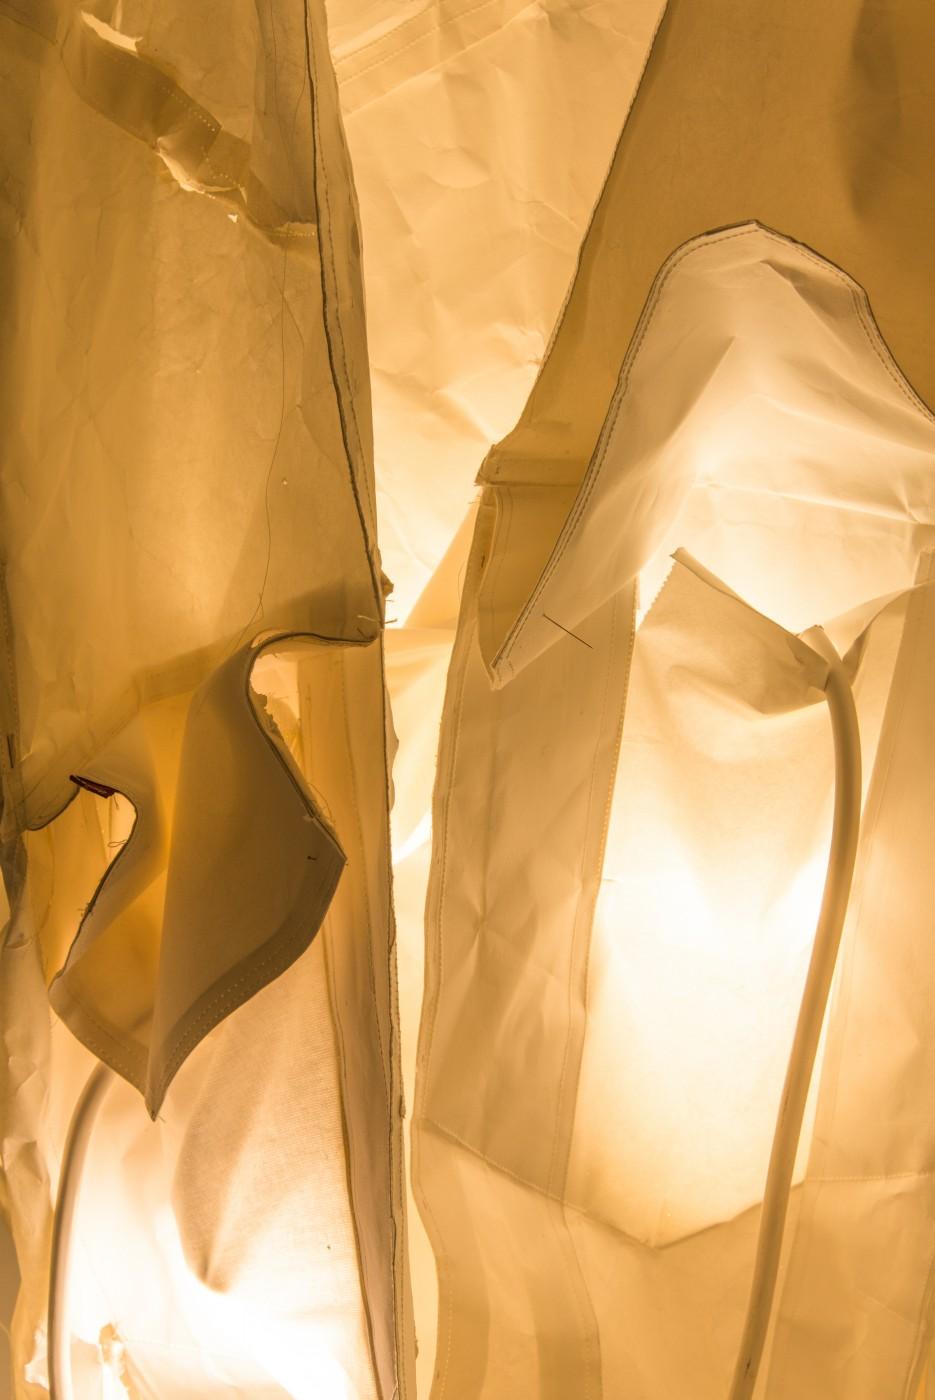 SORRY  My Shape</I> (detail), 2018 Paper, lights, thread, steel, paint 115 x 120 x 70 cm / 45.3 x 47.2 x 27.6 in  MÉLANIE MATRANGA